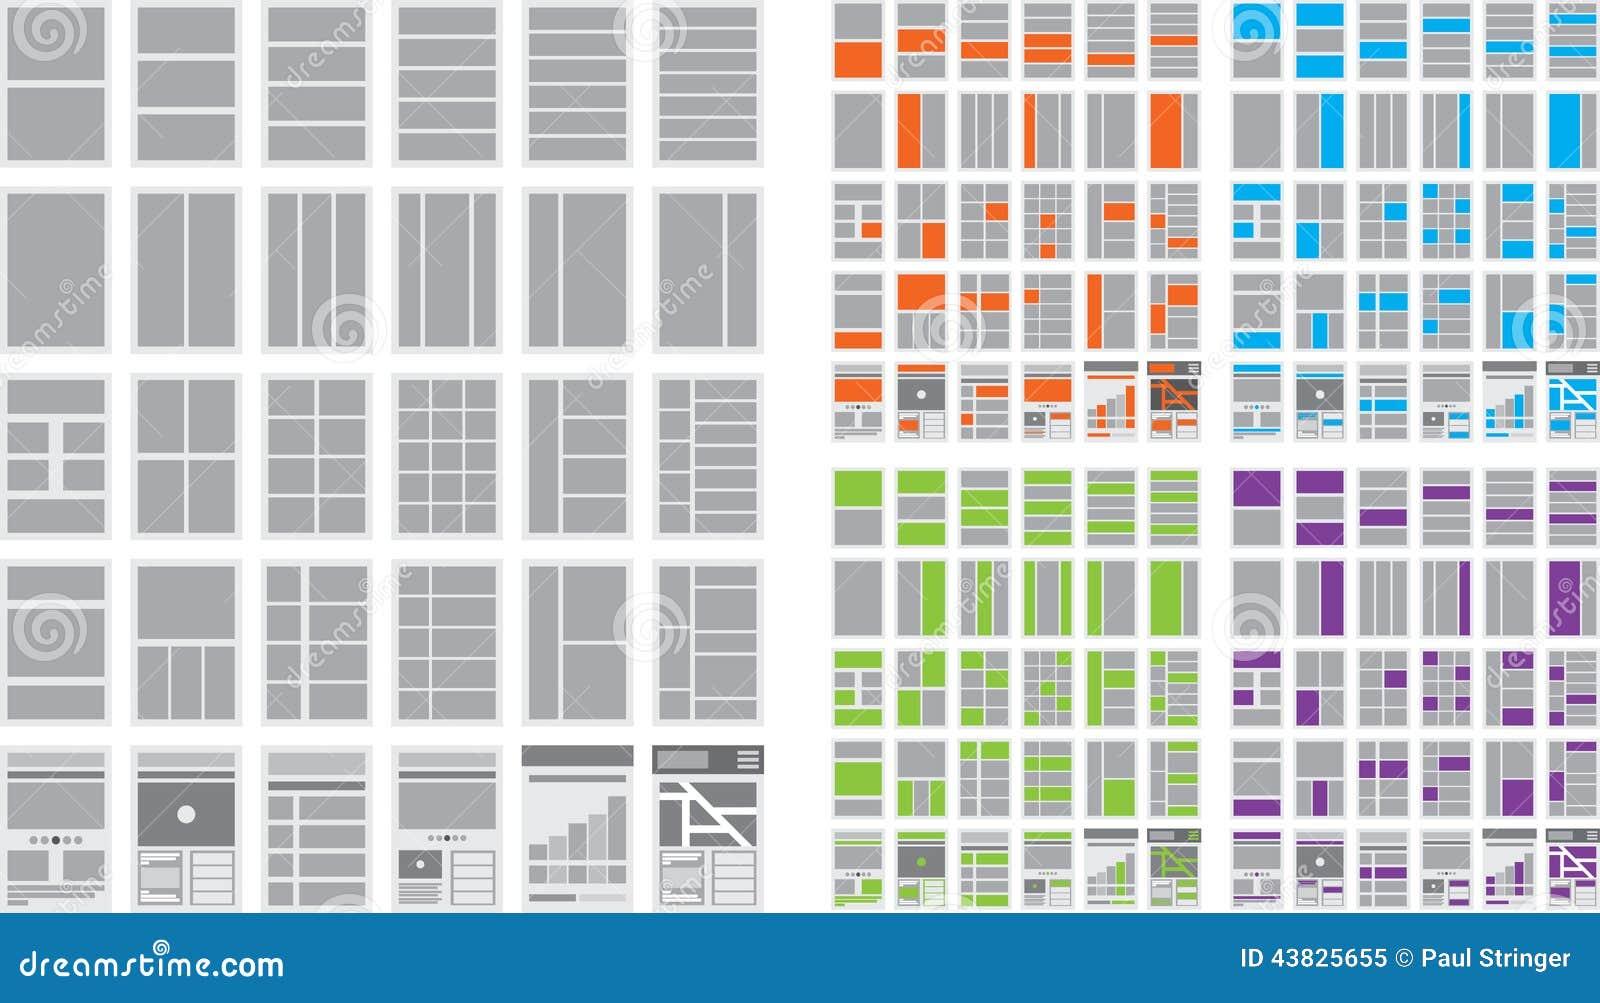 Illustration av Websiteflödesdiagram och platsöversikter